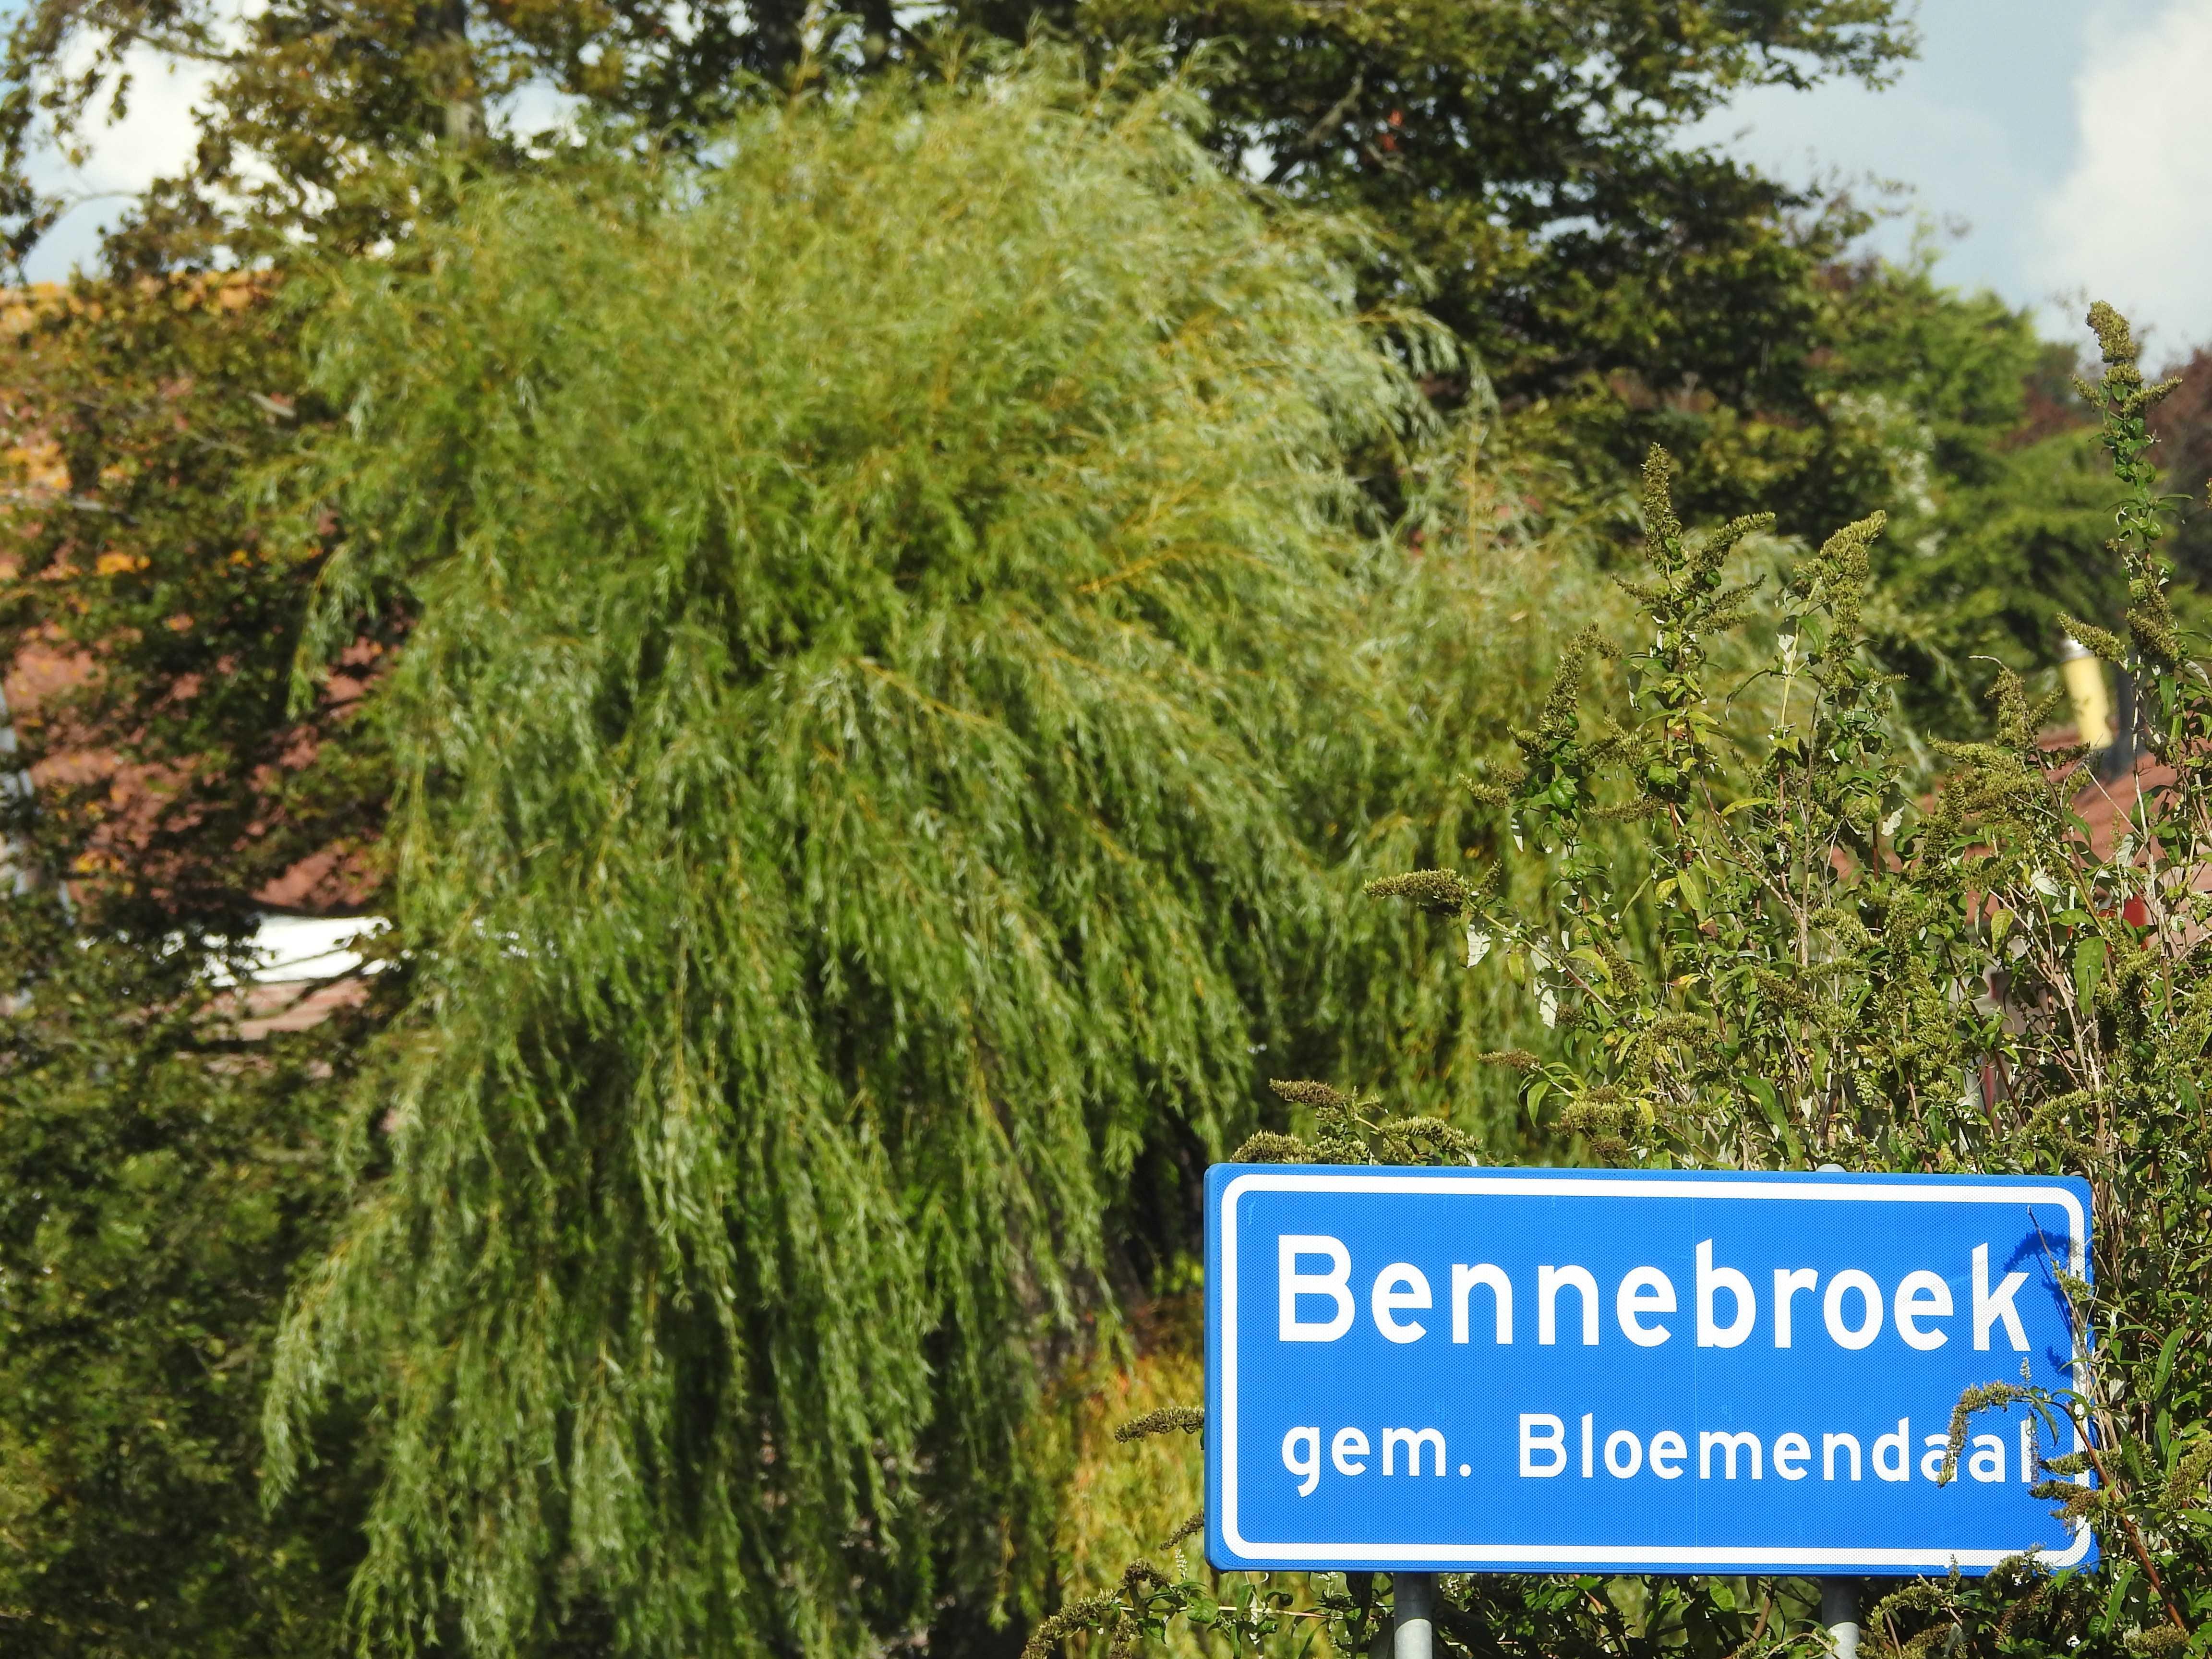 Bennebroek